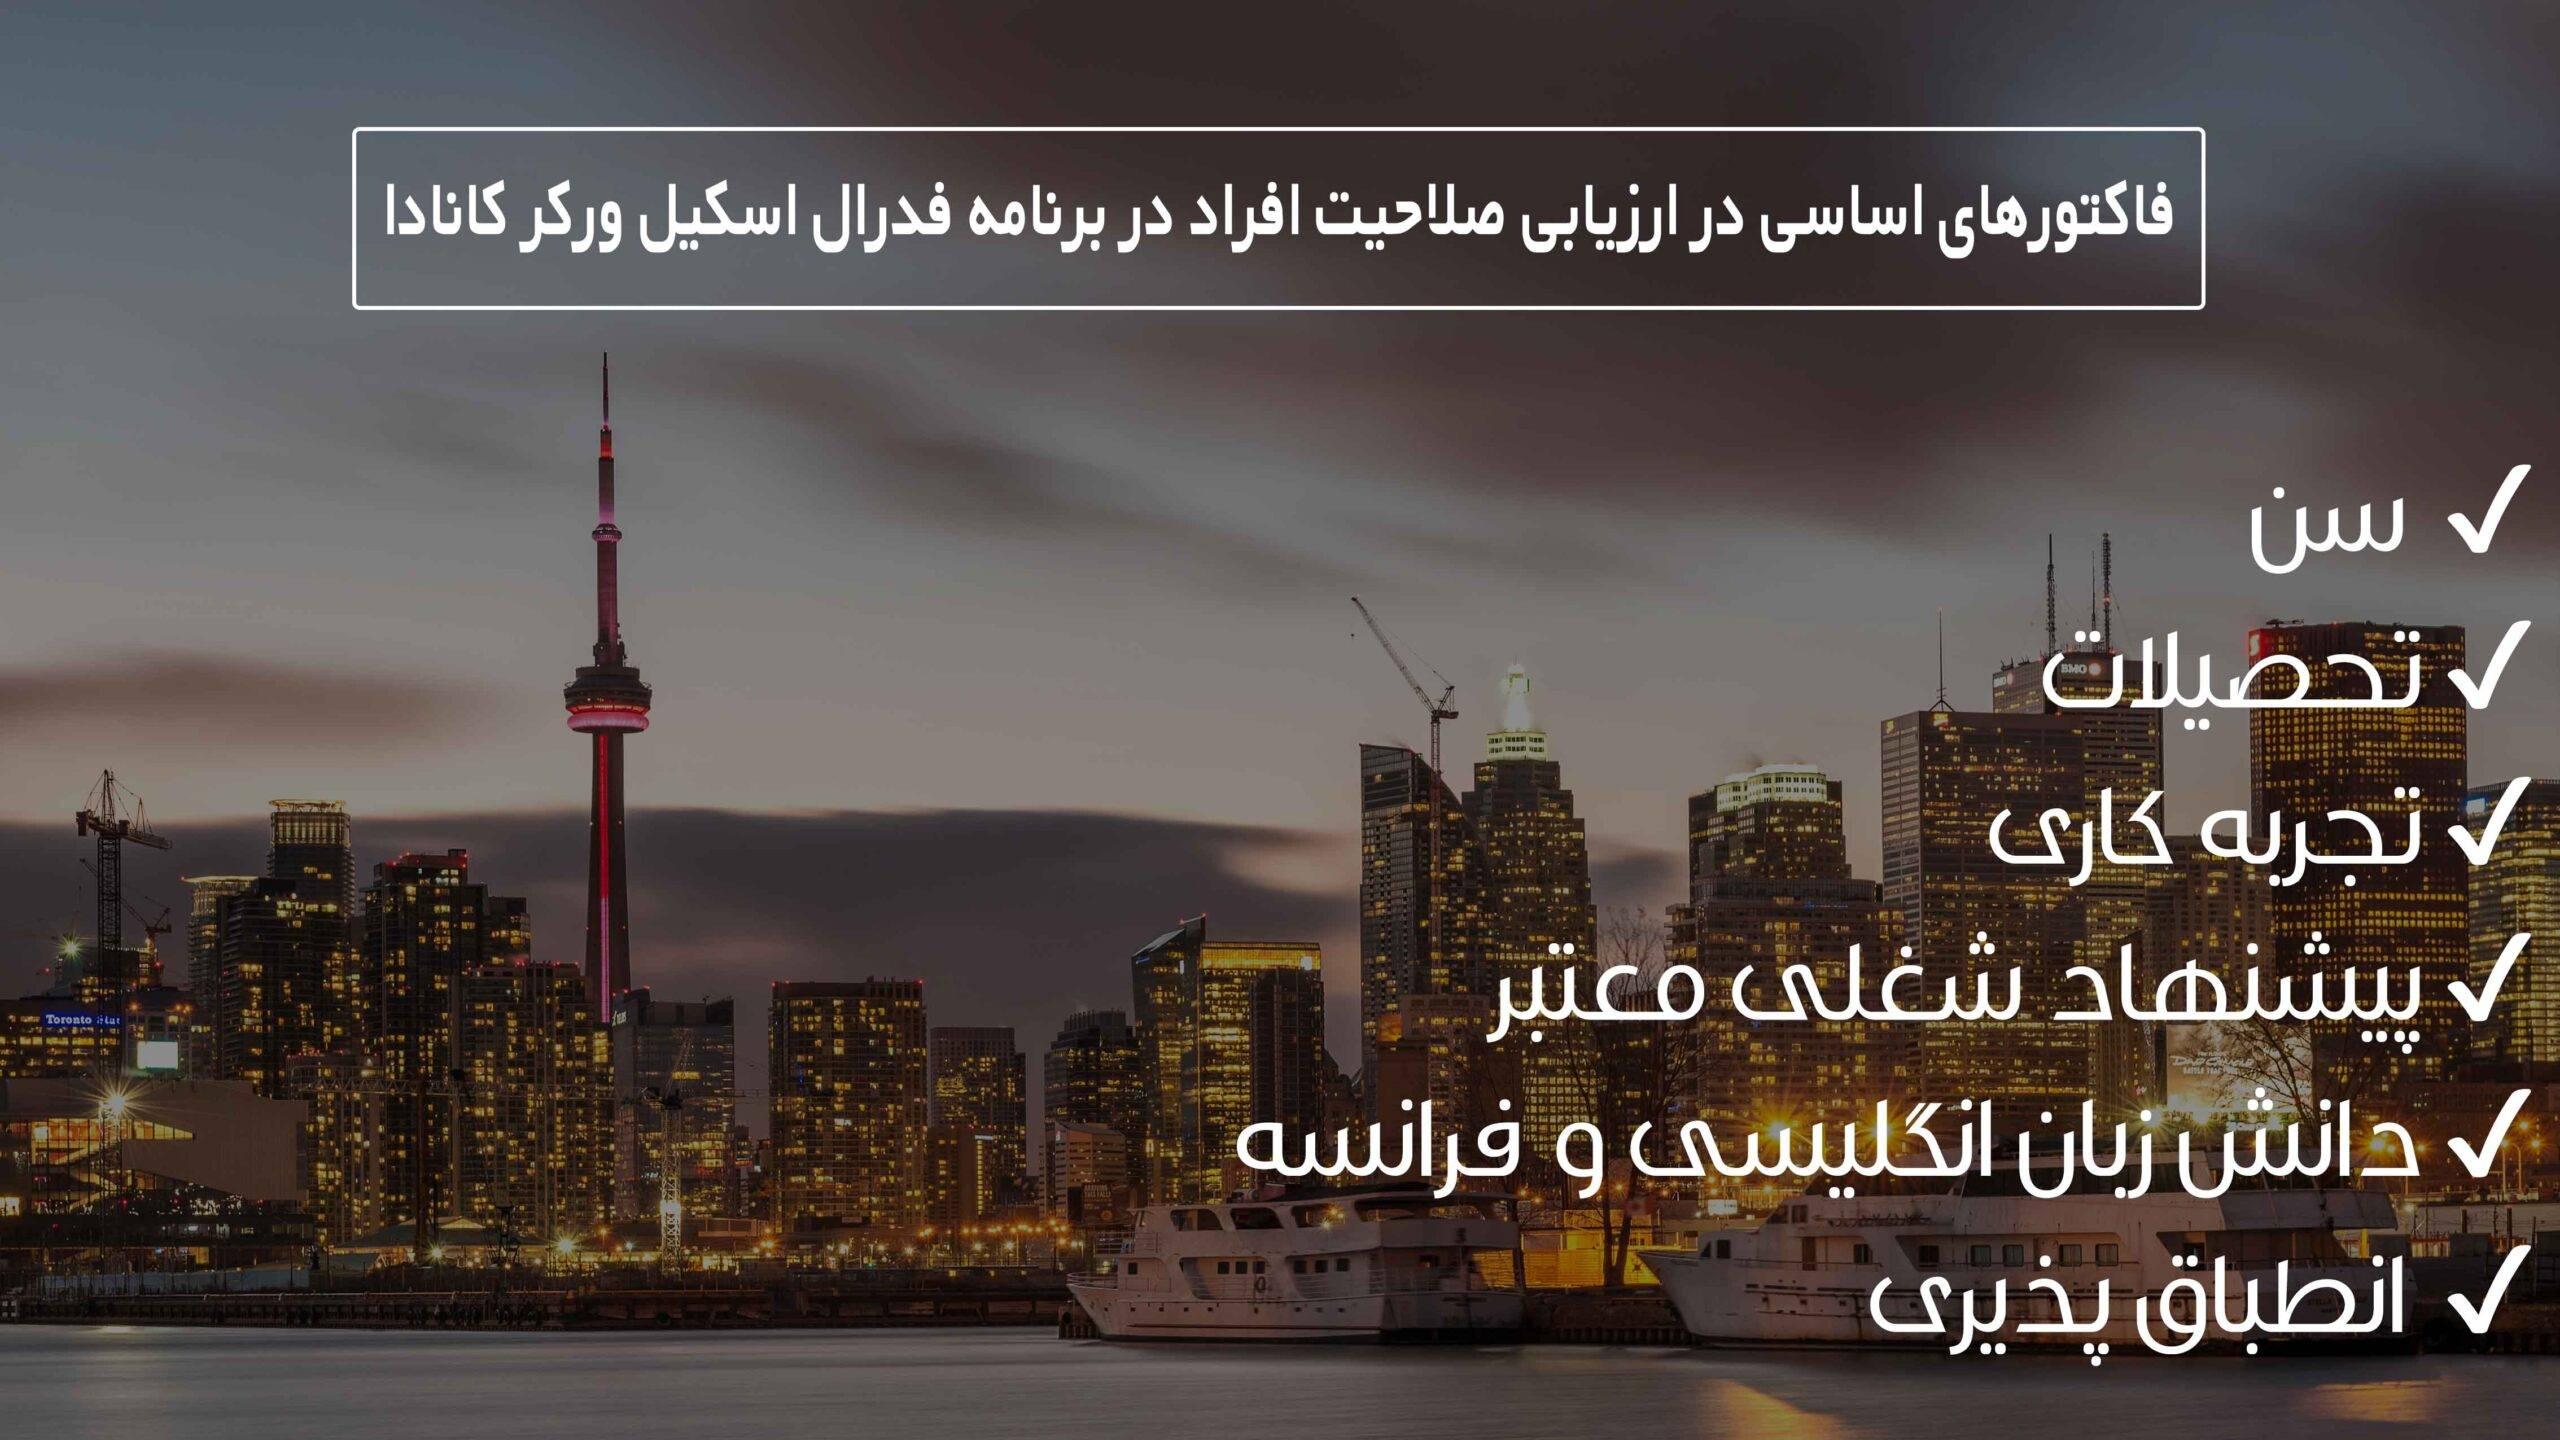 فاکتورهای اساسی در ارزیابی صلاحیت افراد در برنامه فدرال اسکیل ورکر کانادا